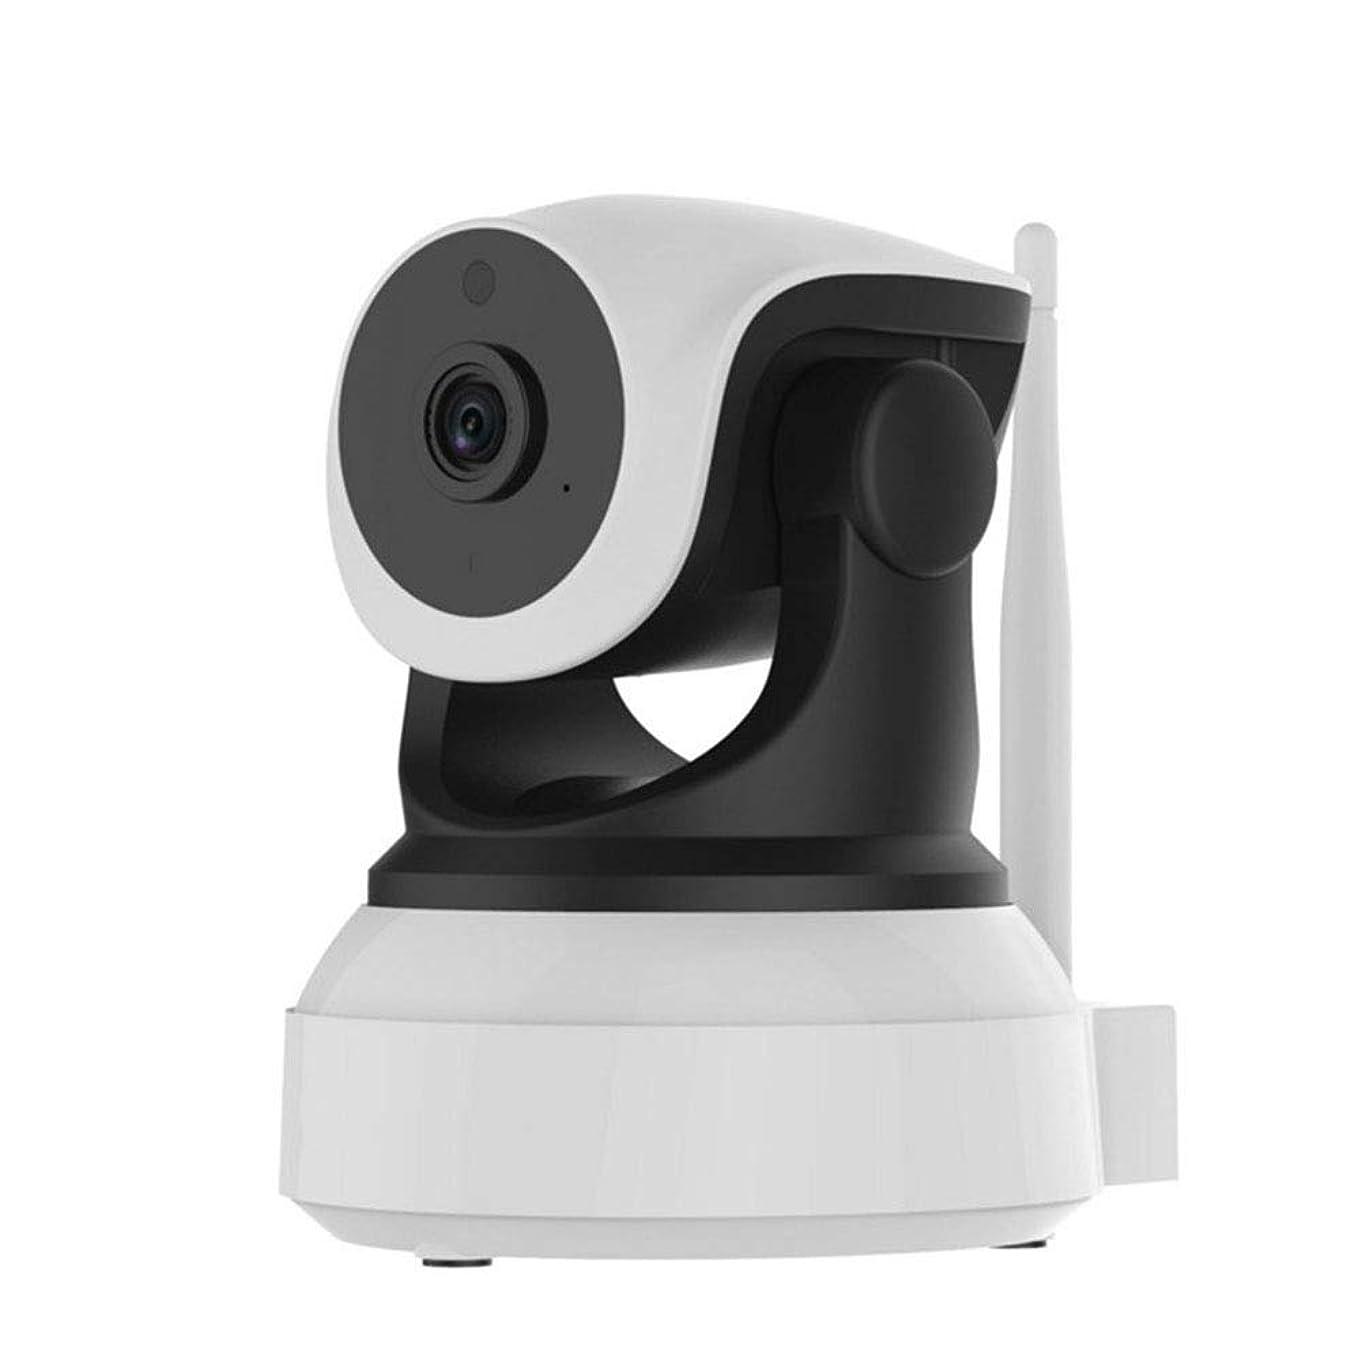 メタリック事前政治家辽阳世纪电子产品贸易中心 720P HDの保安用カメラのホームセキュリティーSystermの遠隔監視カメラ